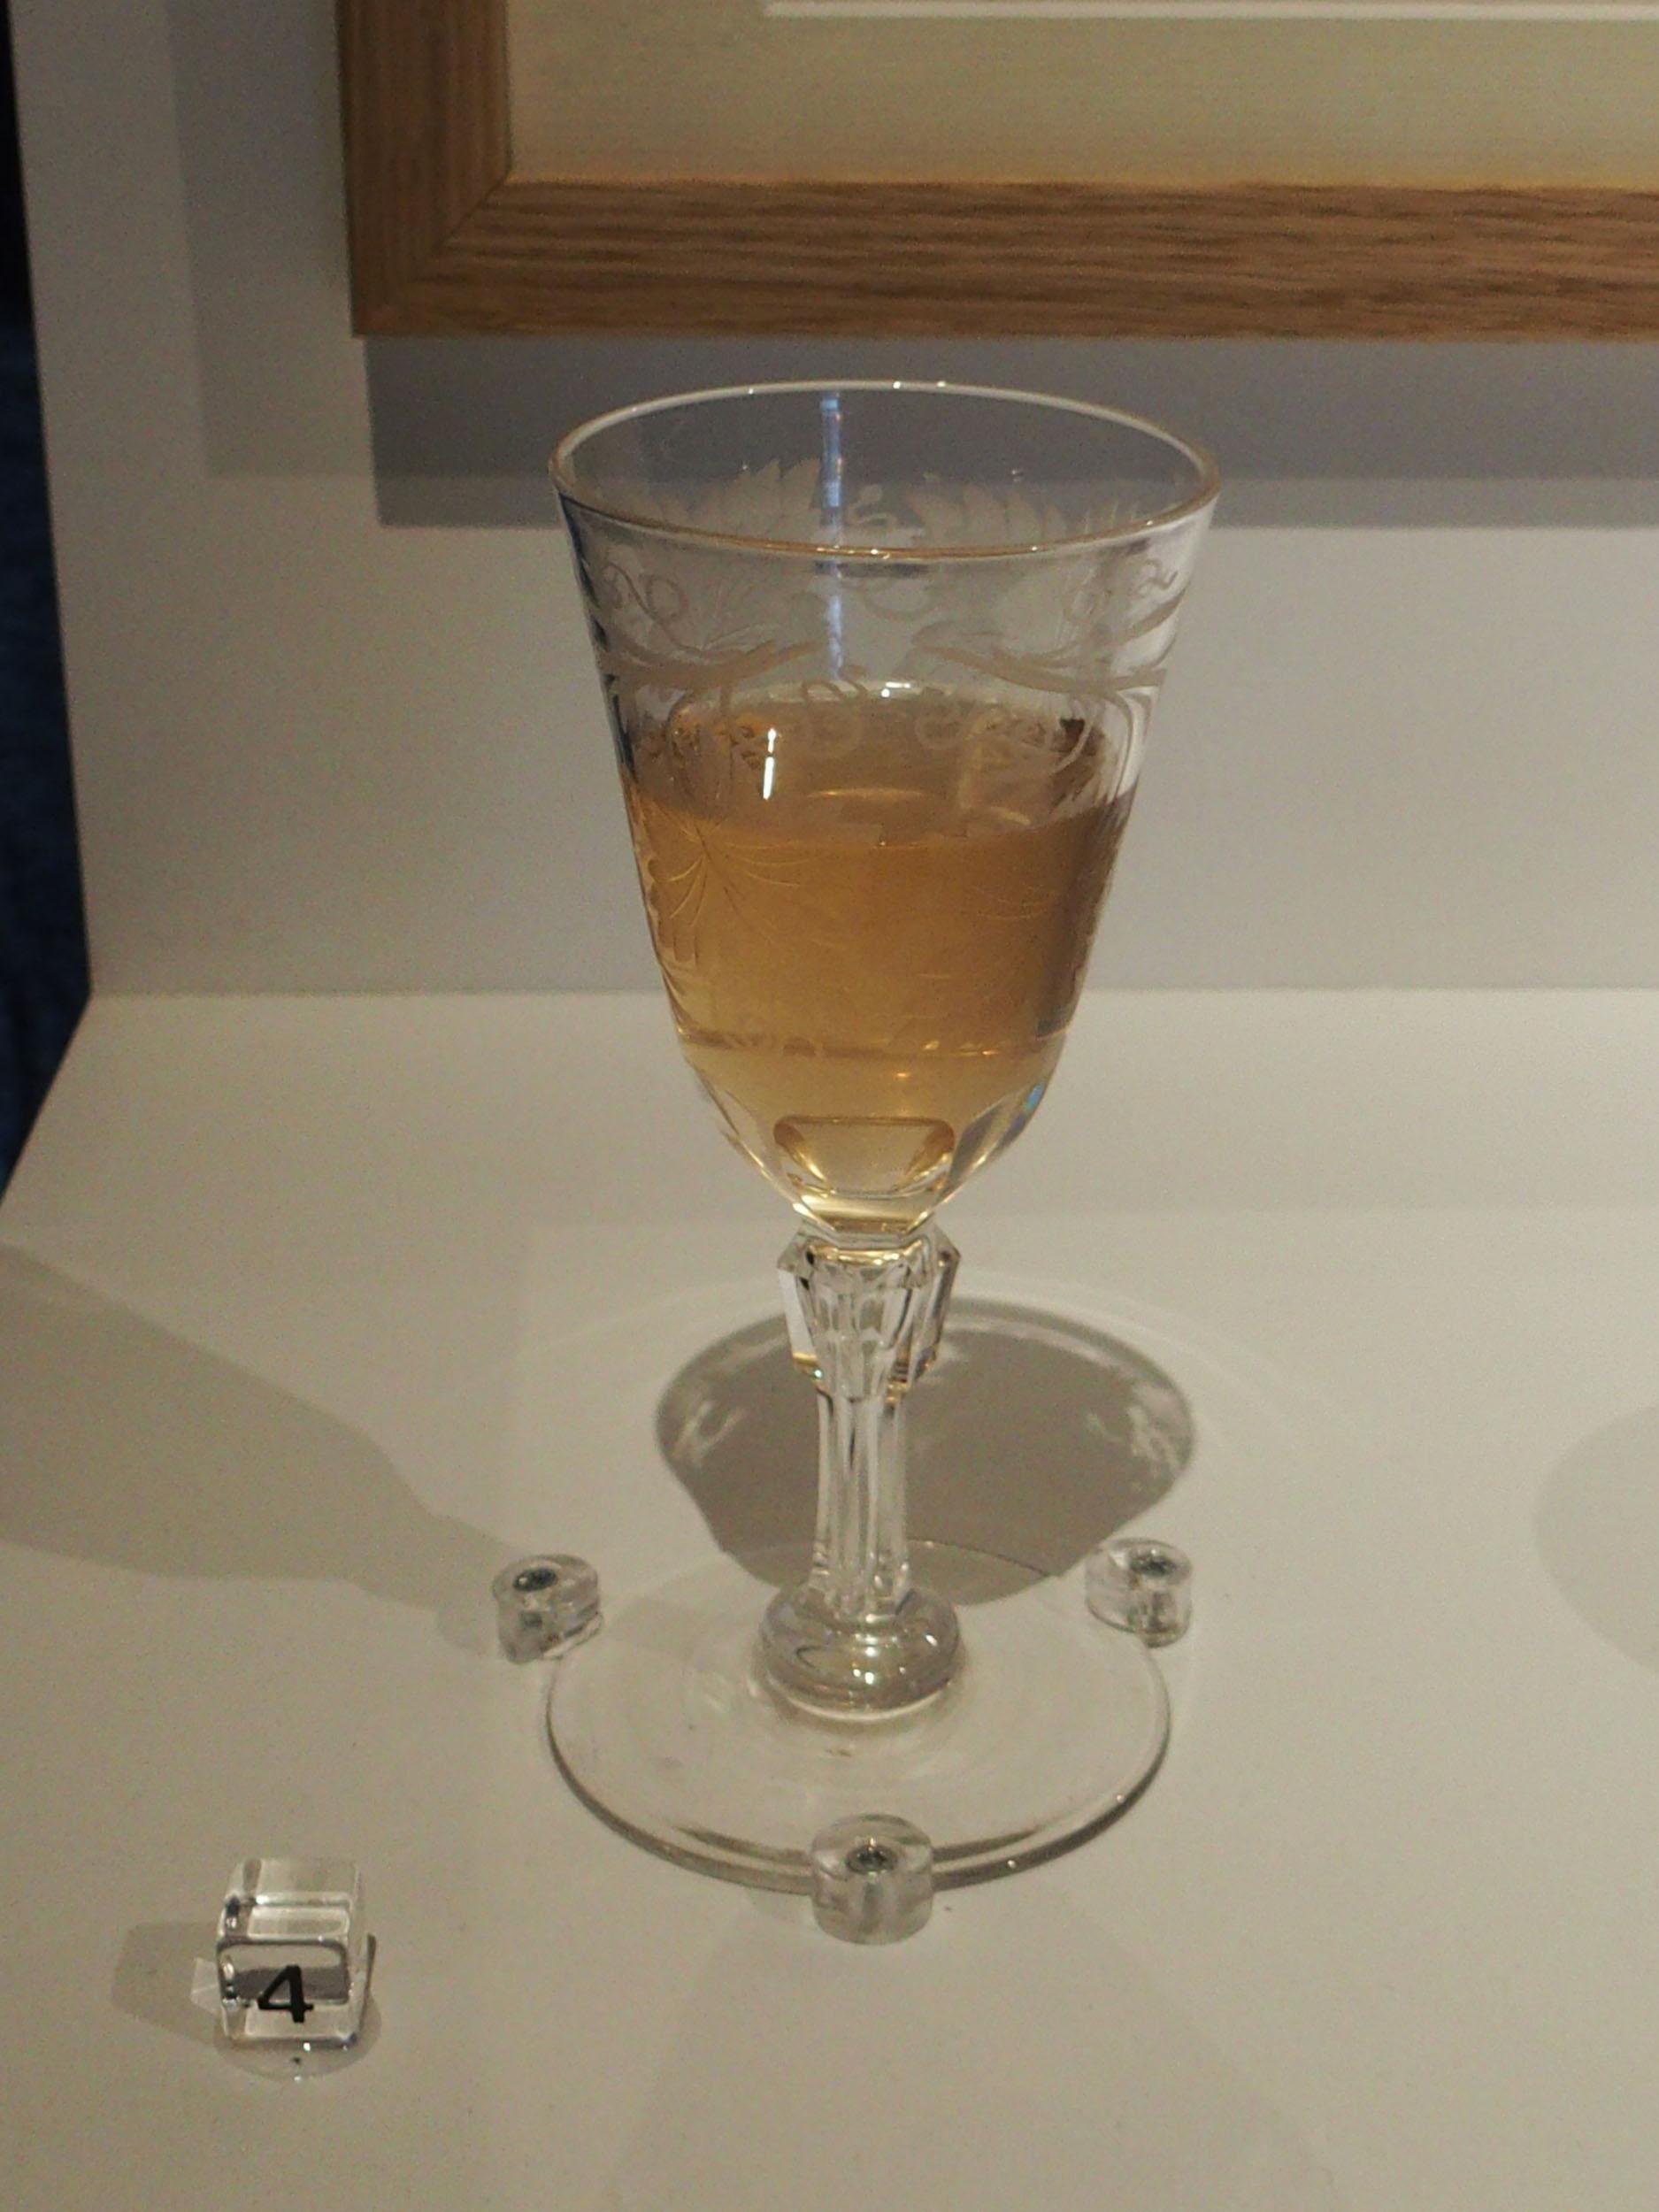 Image 4: Viola Odorata installation - violet syrup smell sample